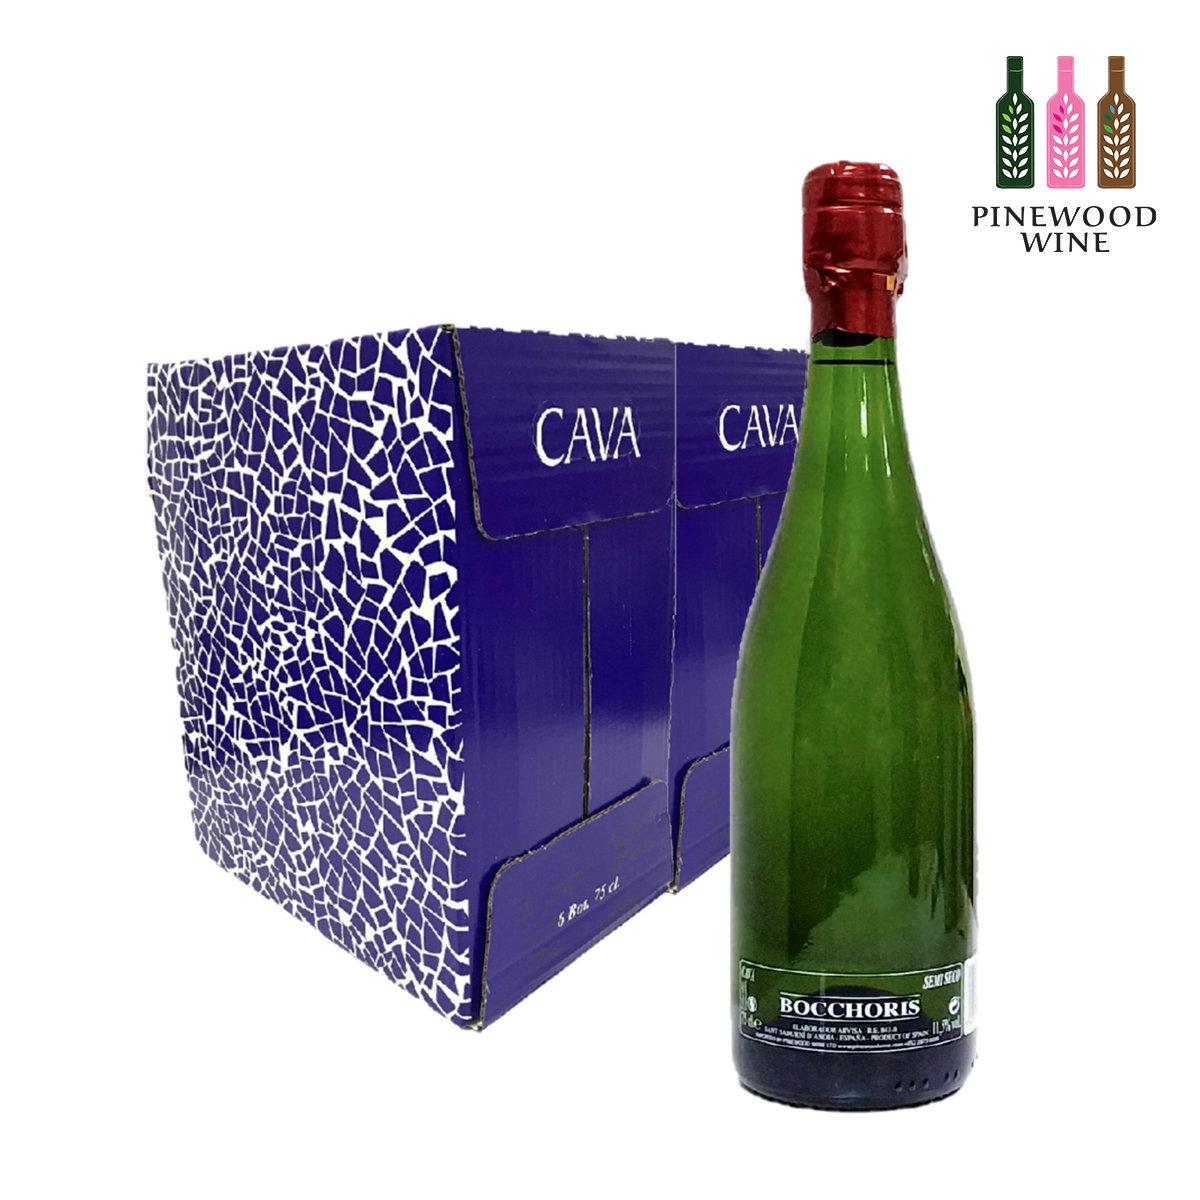 [原箱] Semi Seco Cava (微甜)復古西班牙博塞里斯卡瓦氣泡酒 750ml x 6 x 2